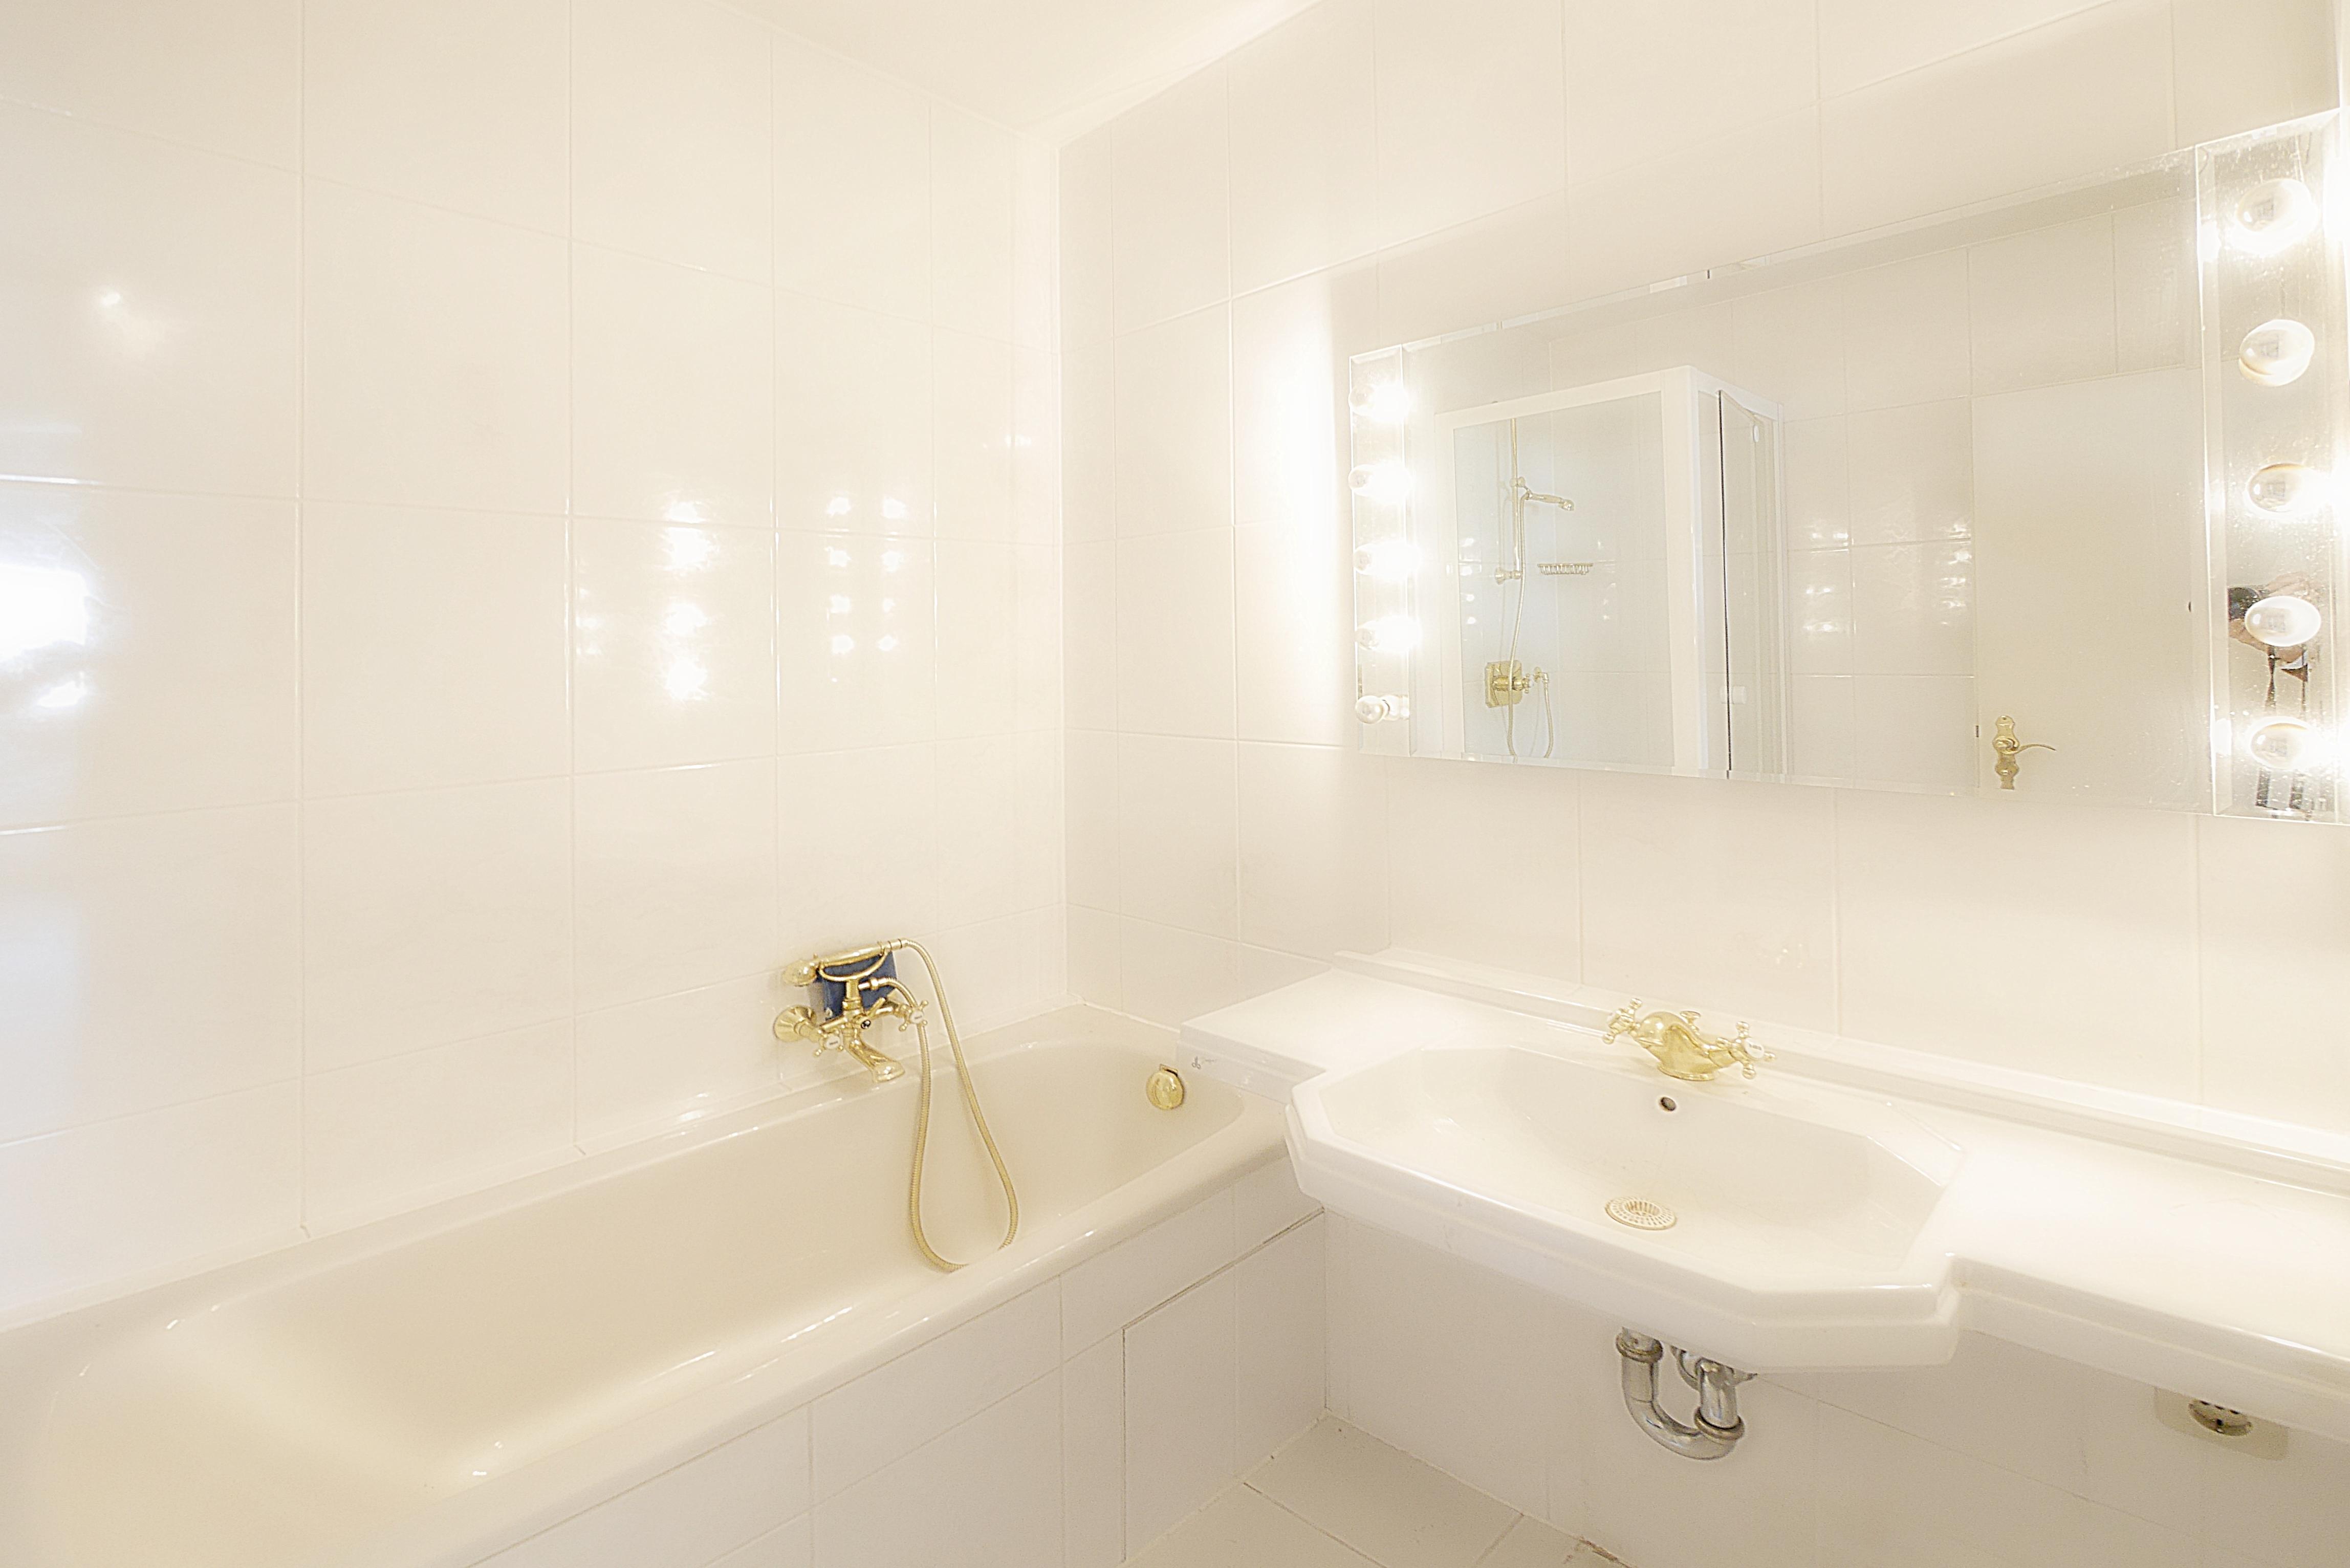 Zu Verkaufen: Attraktive Penthouse Wohnung mit 2 Dachterrassen, Alpenblick & Swimmingpool in München West Pasing-Neuaubing: Badezimmer